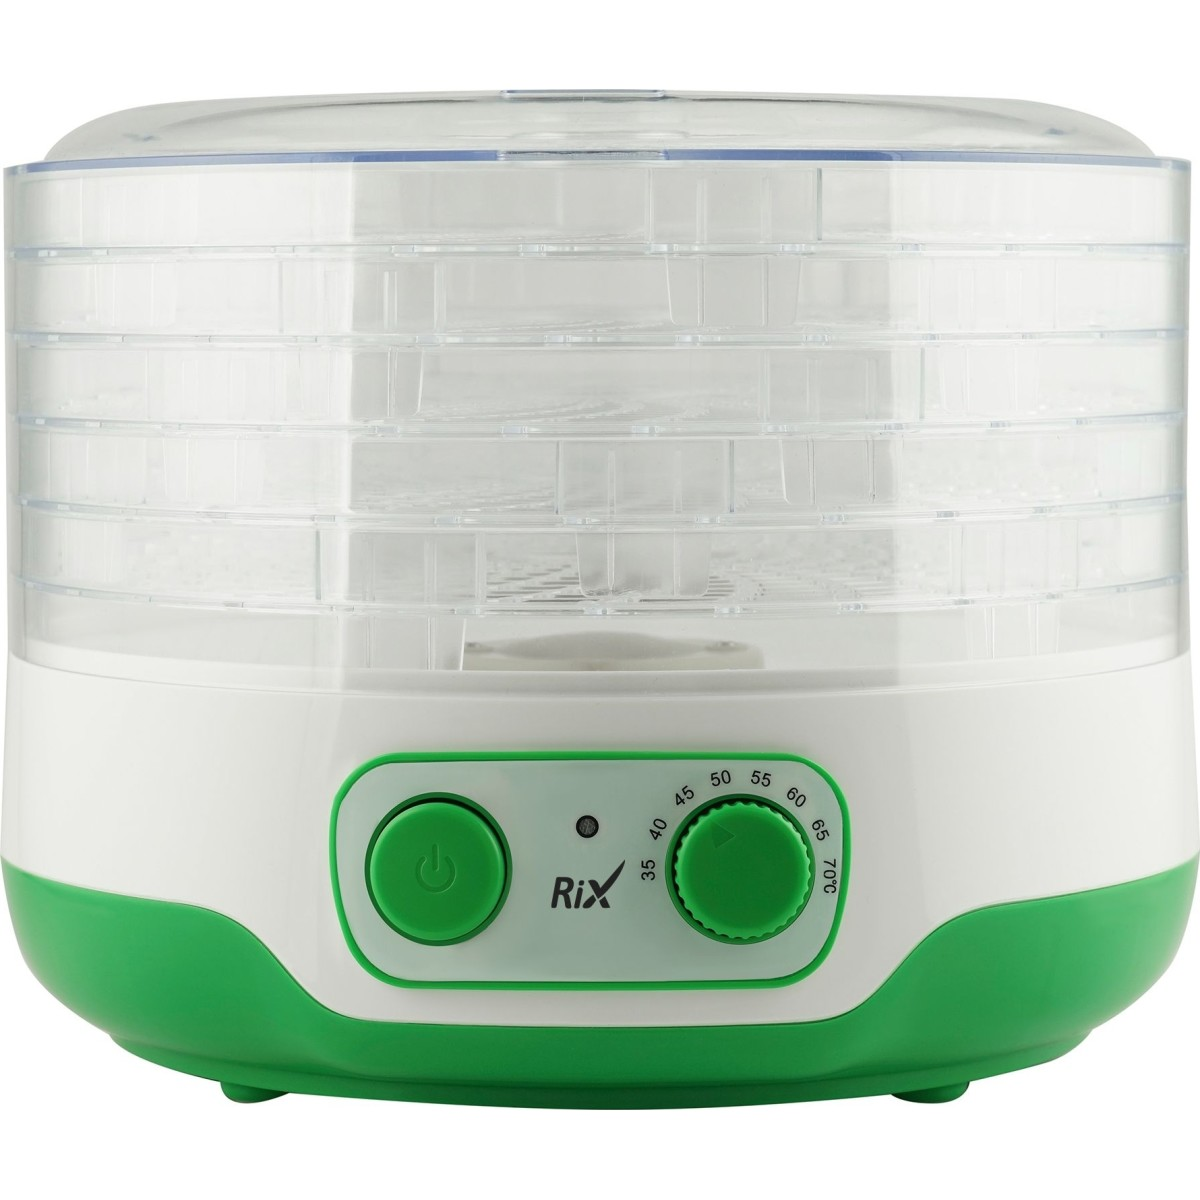 Электросушилка Для Овощей И Фруктов Rix Rxd-127 250 Вт 14 Л Регулировка Высоты